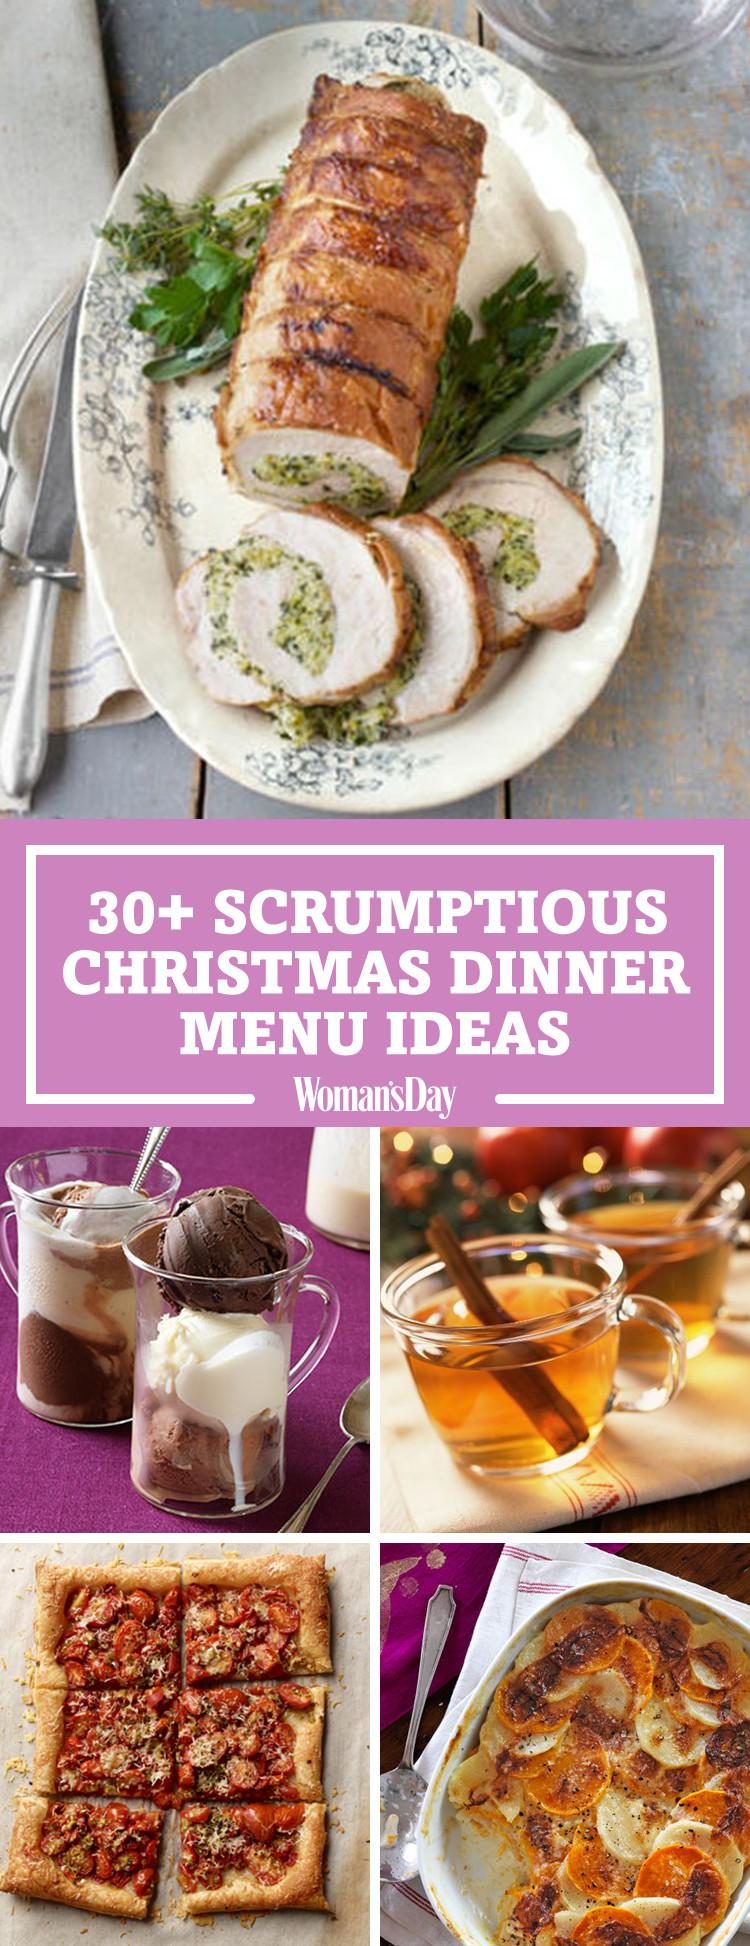 Food For Christmas Dinner  Best Christmas Dinner Menu Ideas for 2017